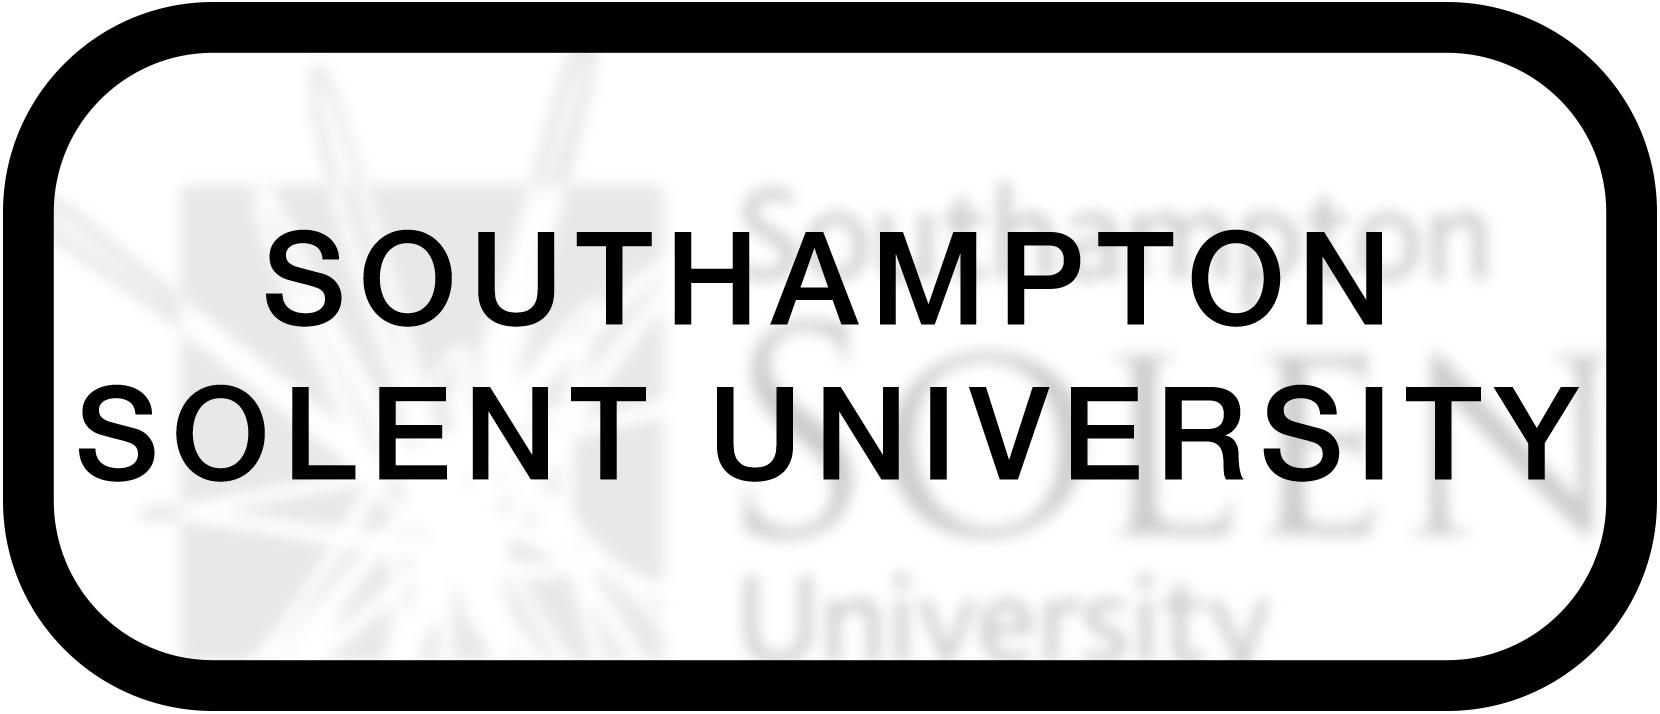 Client List Southampton Solent University.jpg